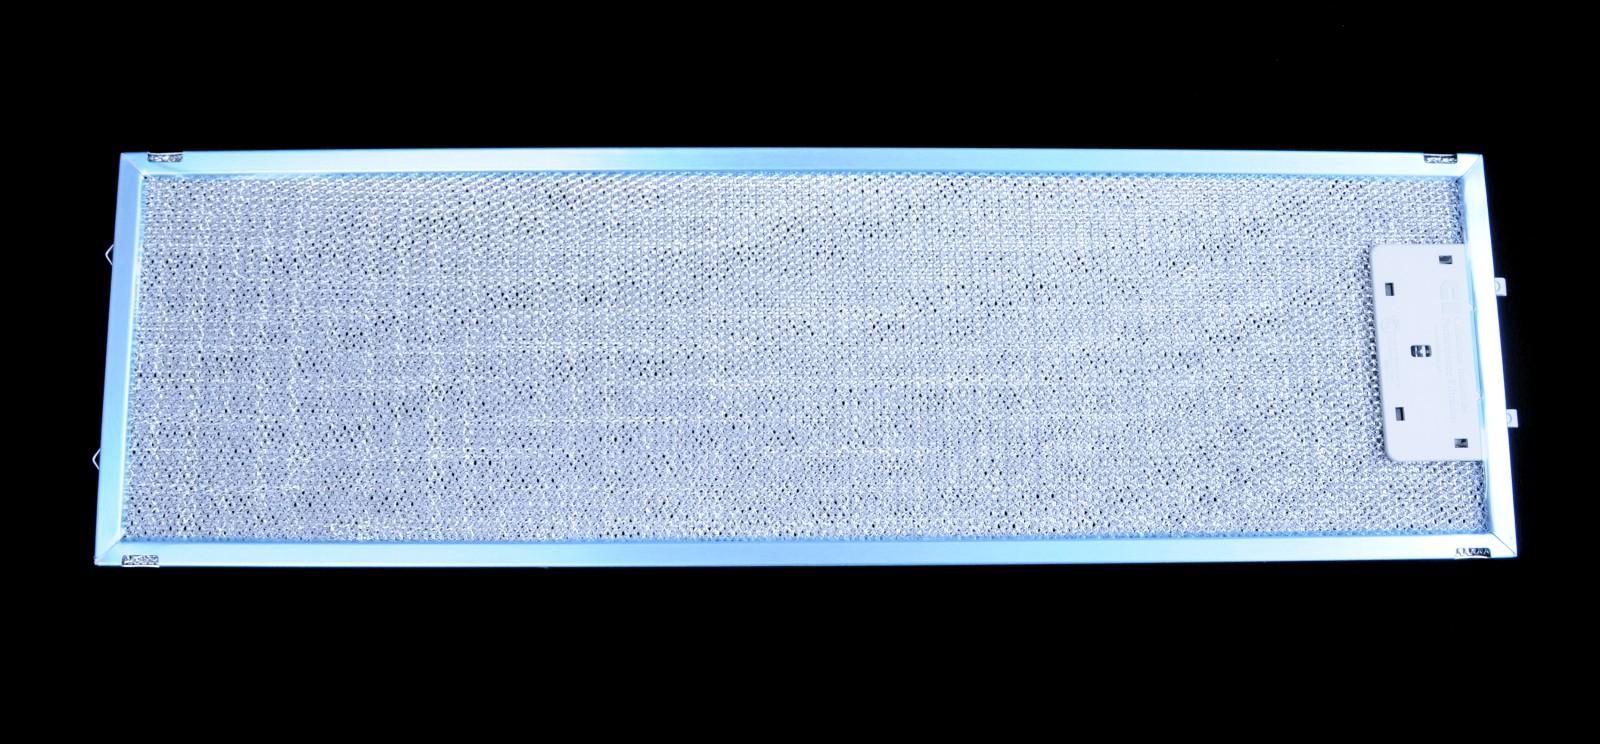 Aeg metallfettfilter dunstabzugshaube filtergitter 50289526001 for Metallfettfilter dunstabzugshaube